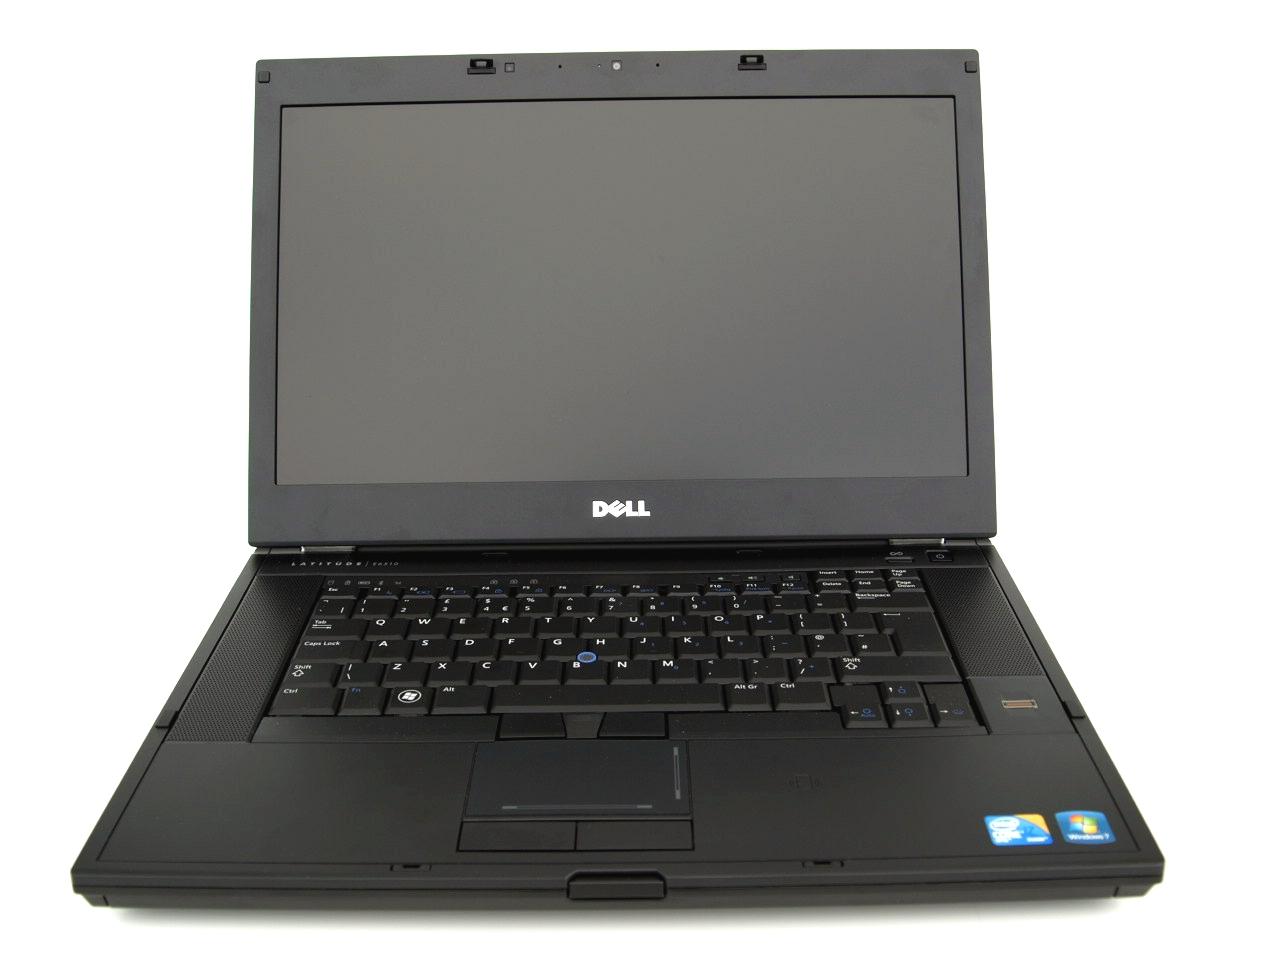 Dell Latitude E6510 Notebook Drivers for Mac